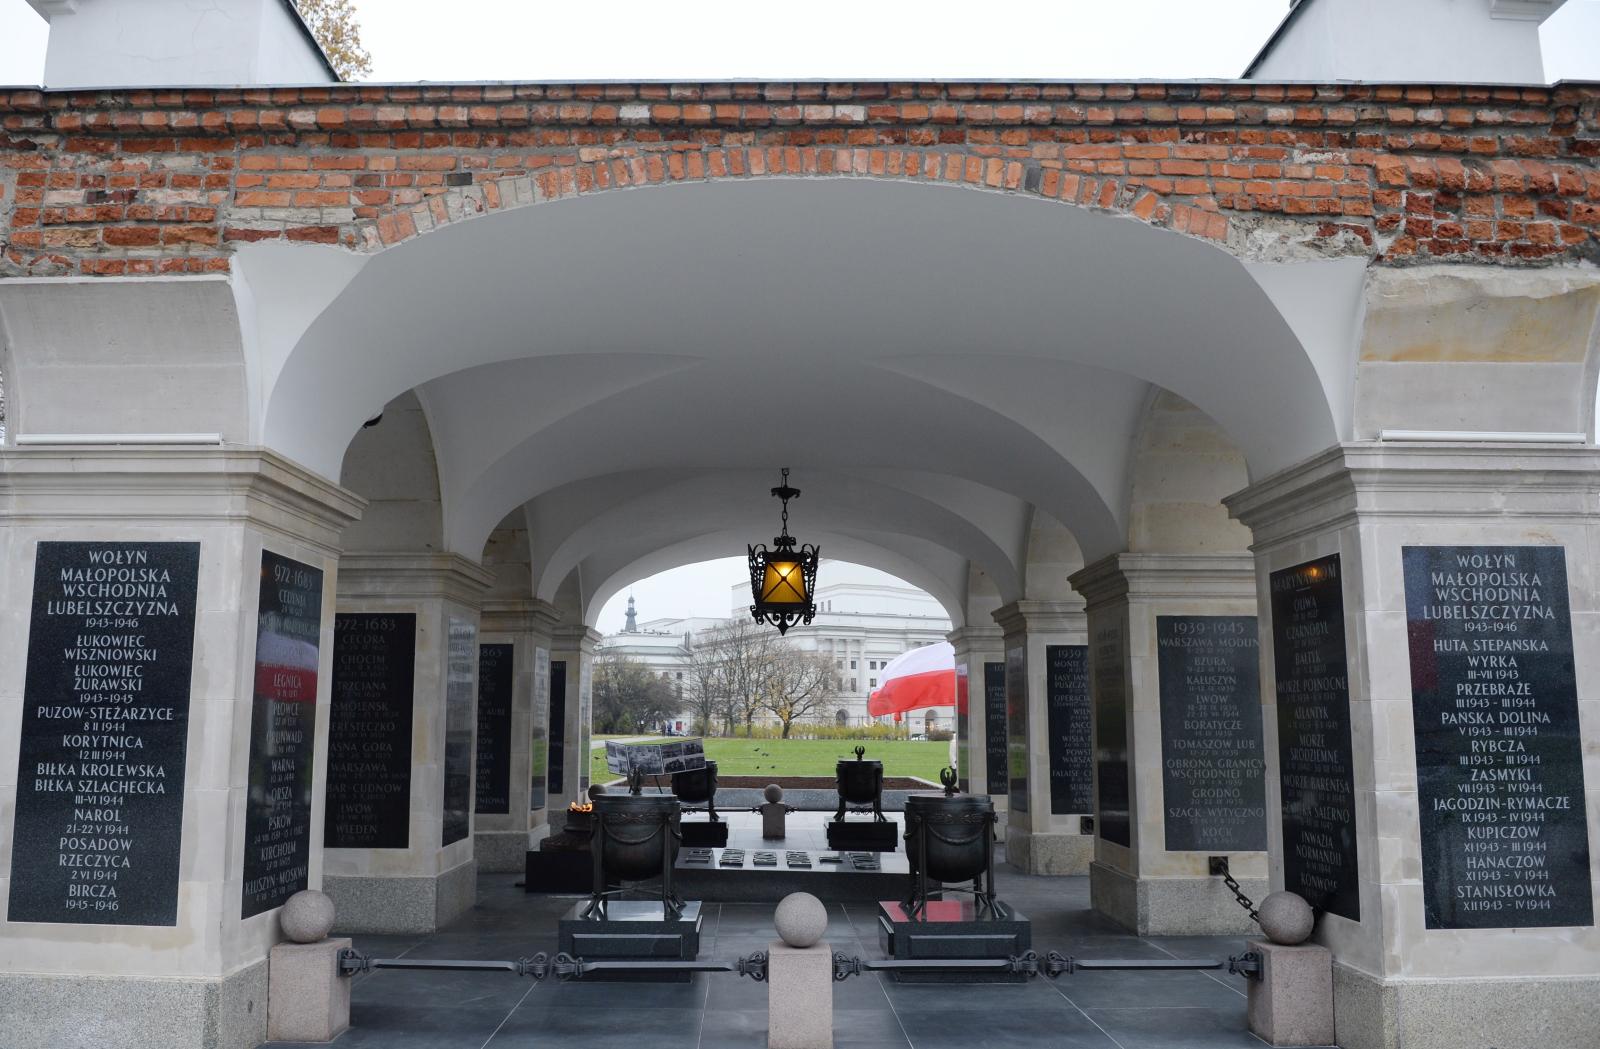 Nowe tablice na grobie Nieznanego Żołnierza w Warszawie